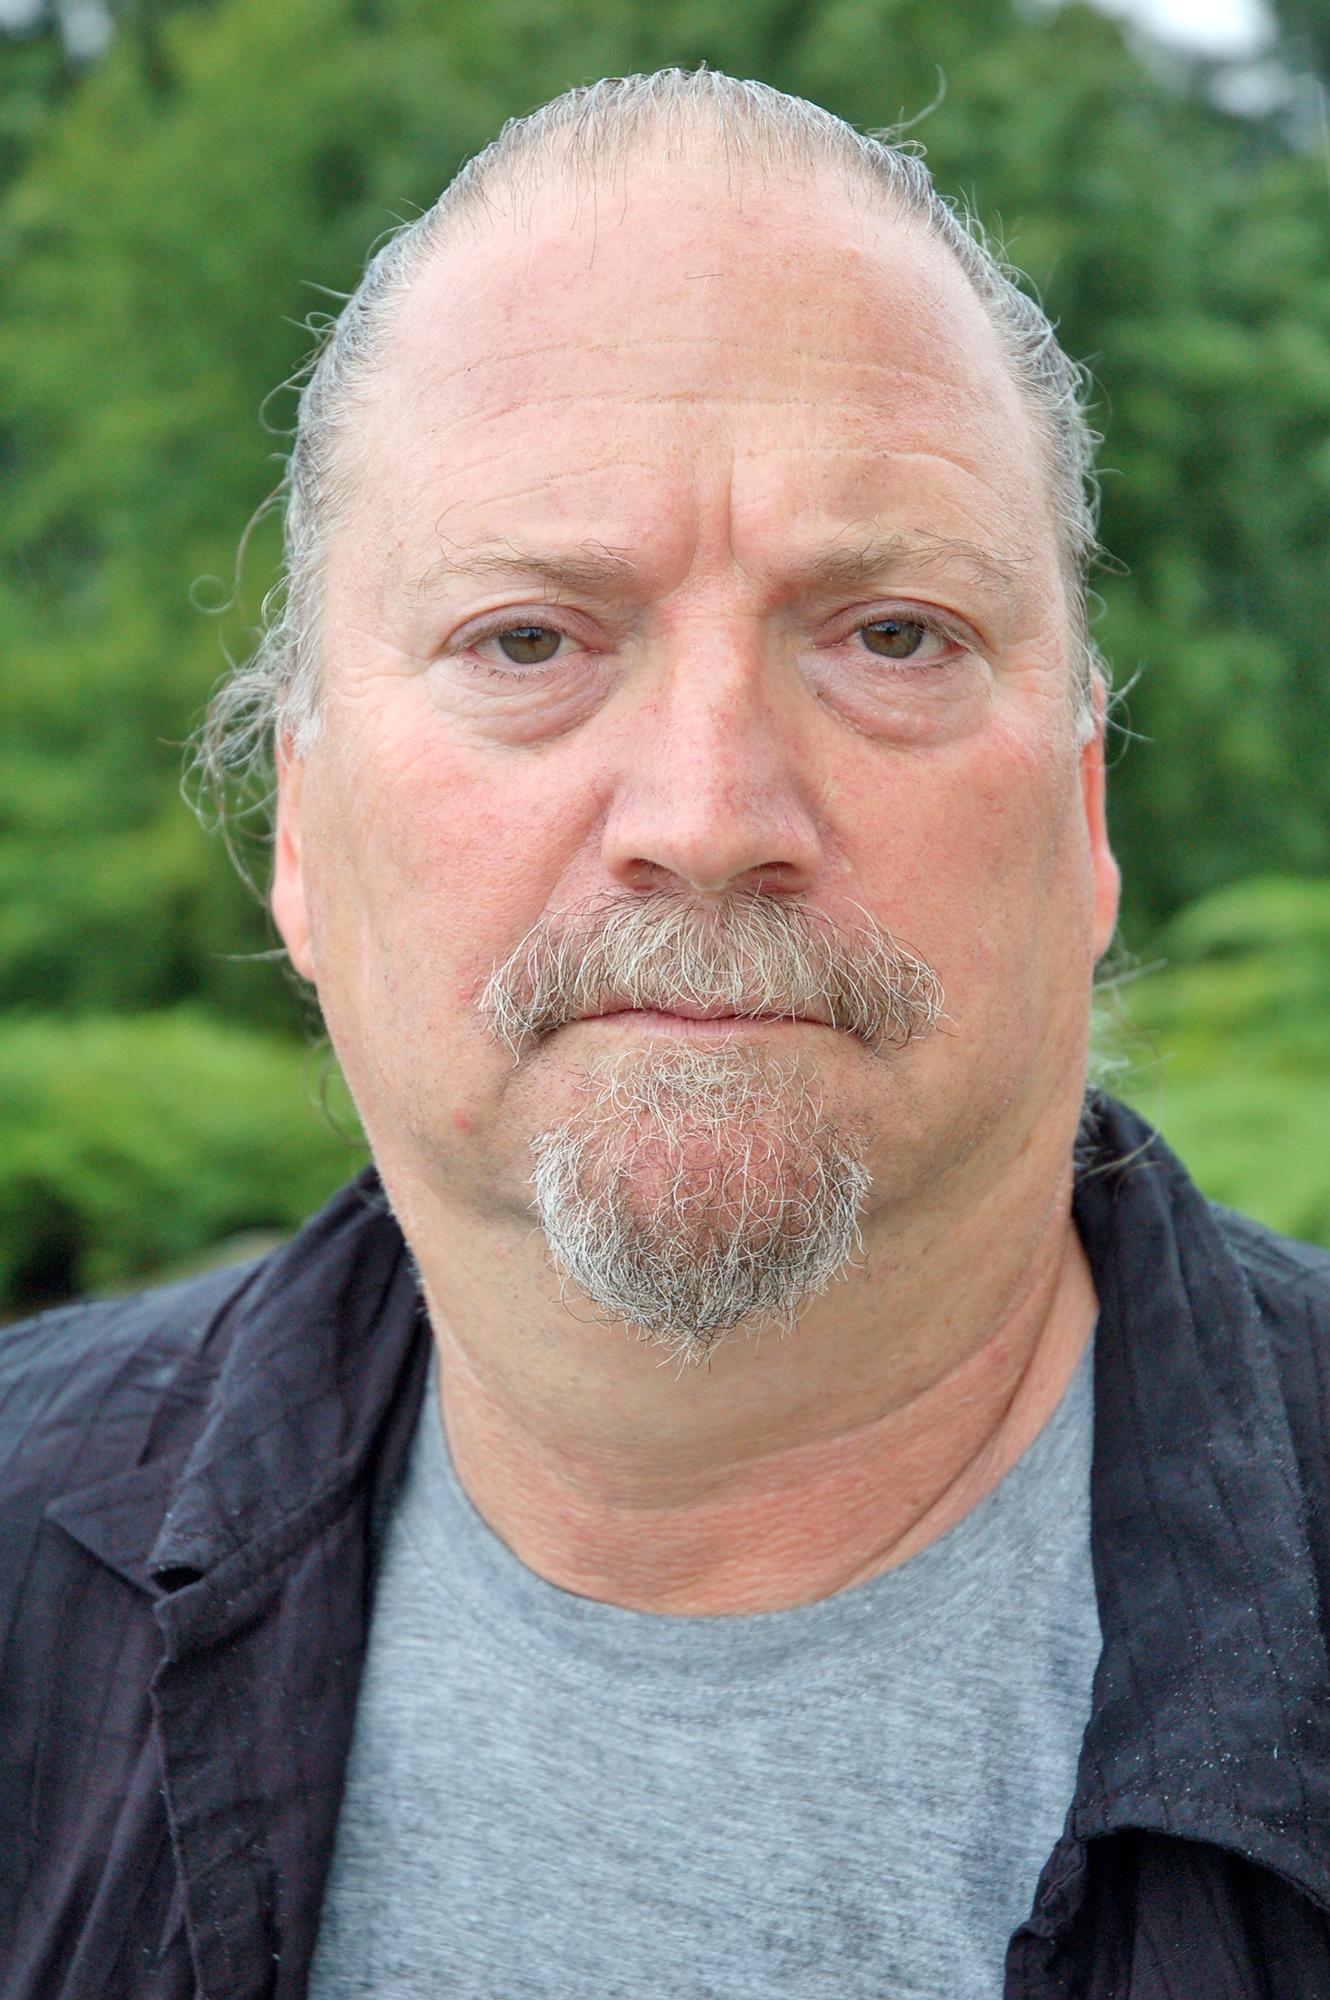 Dror Feiler - musician, composer, activist